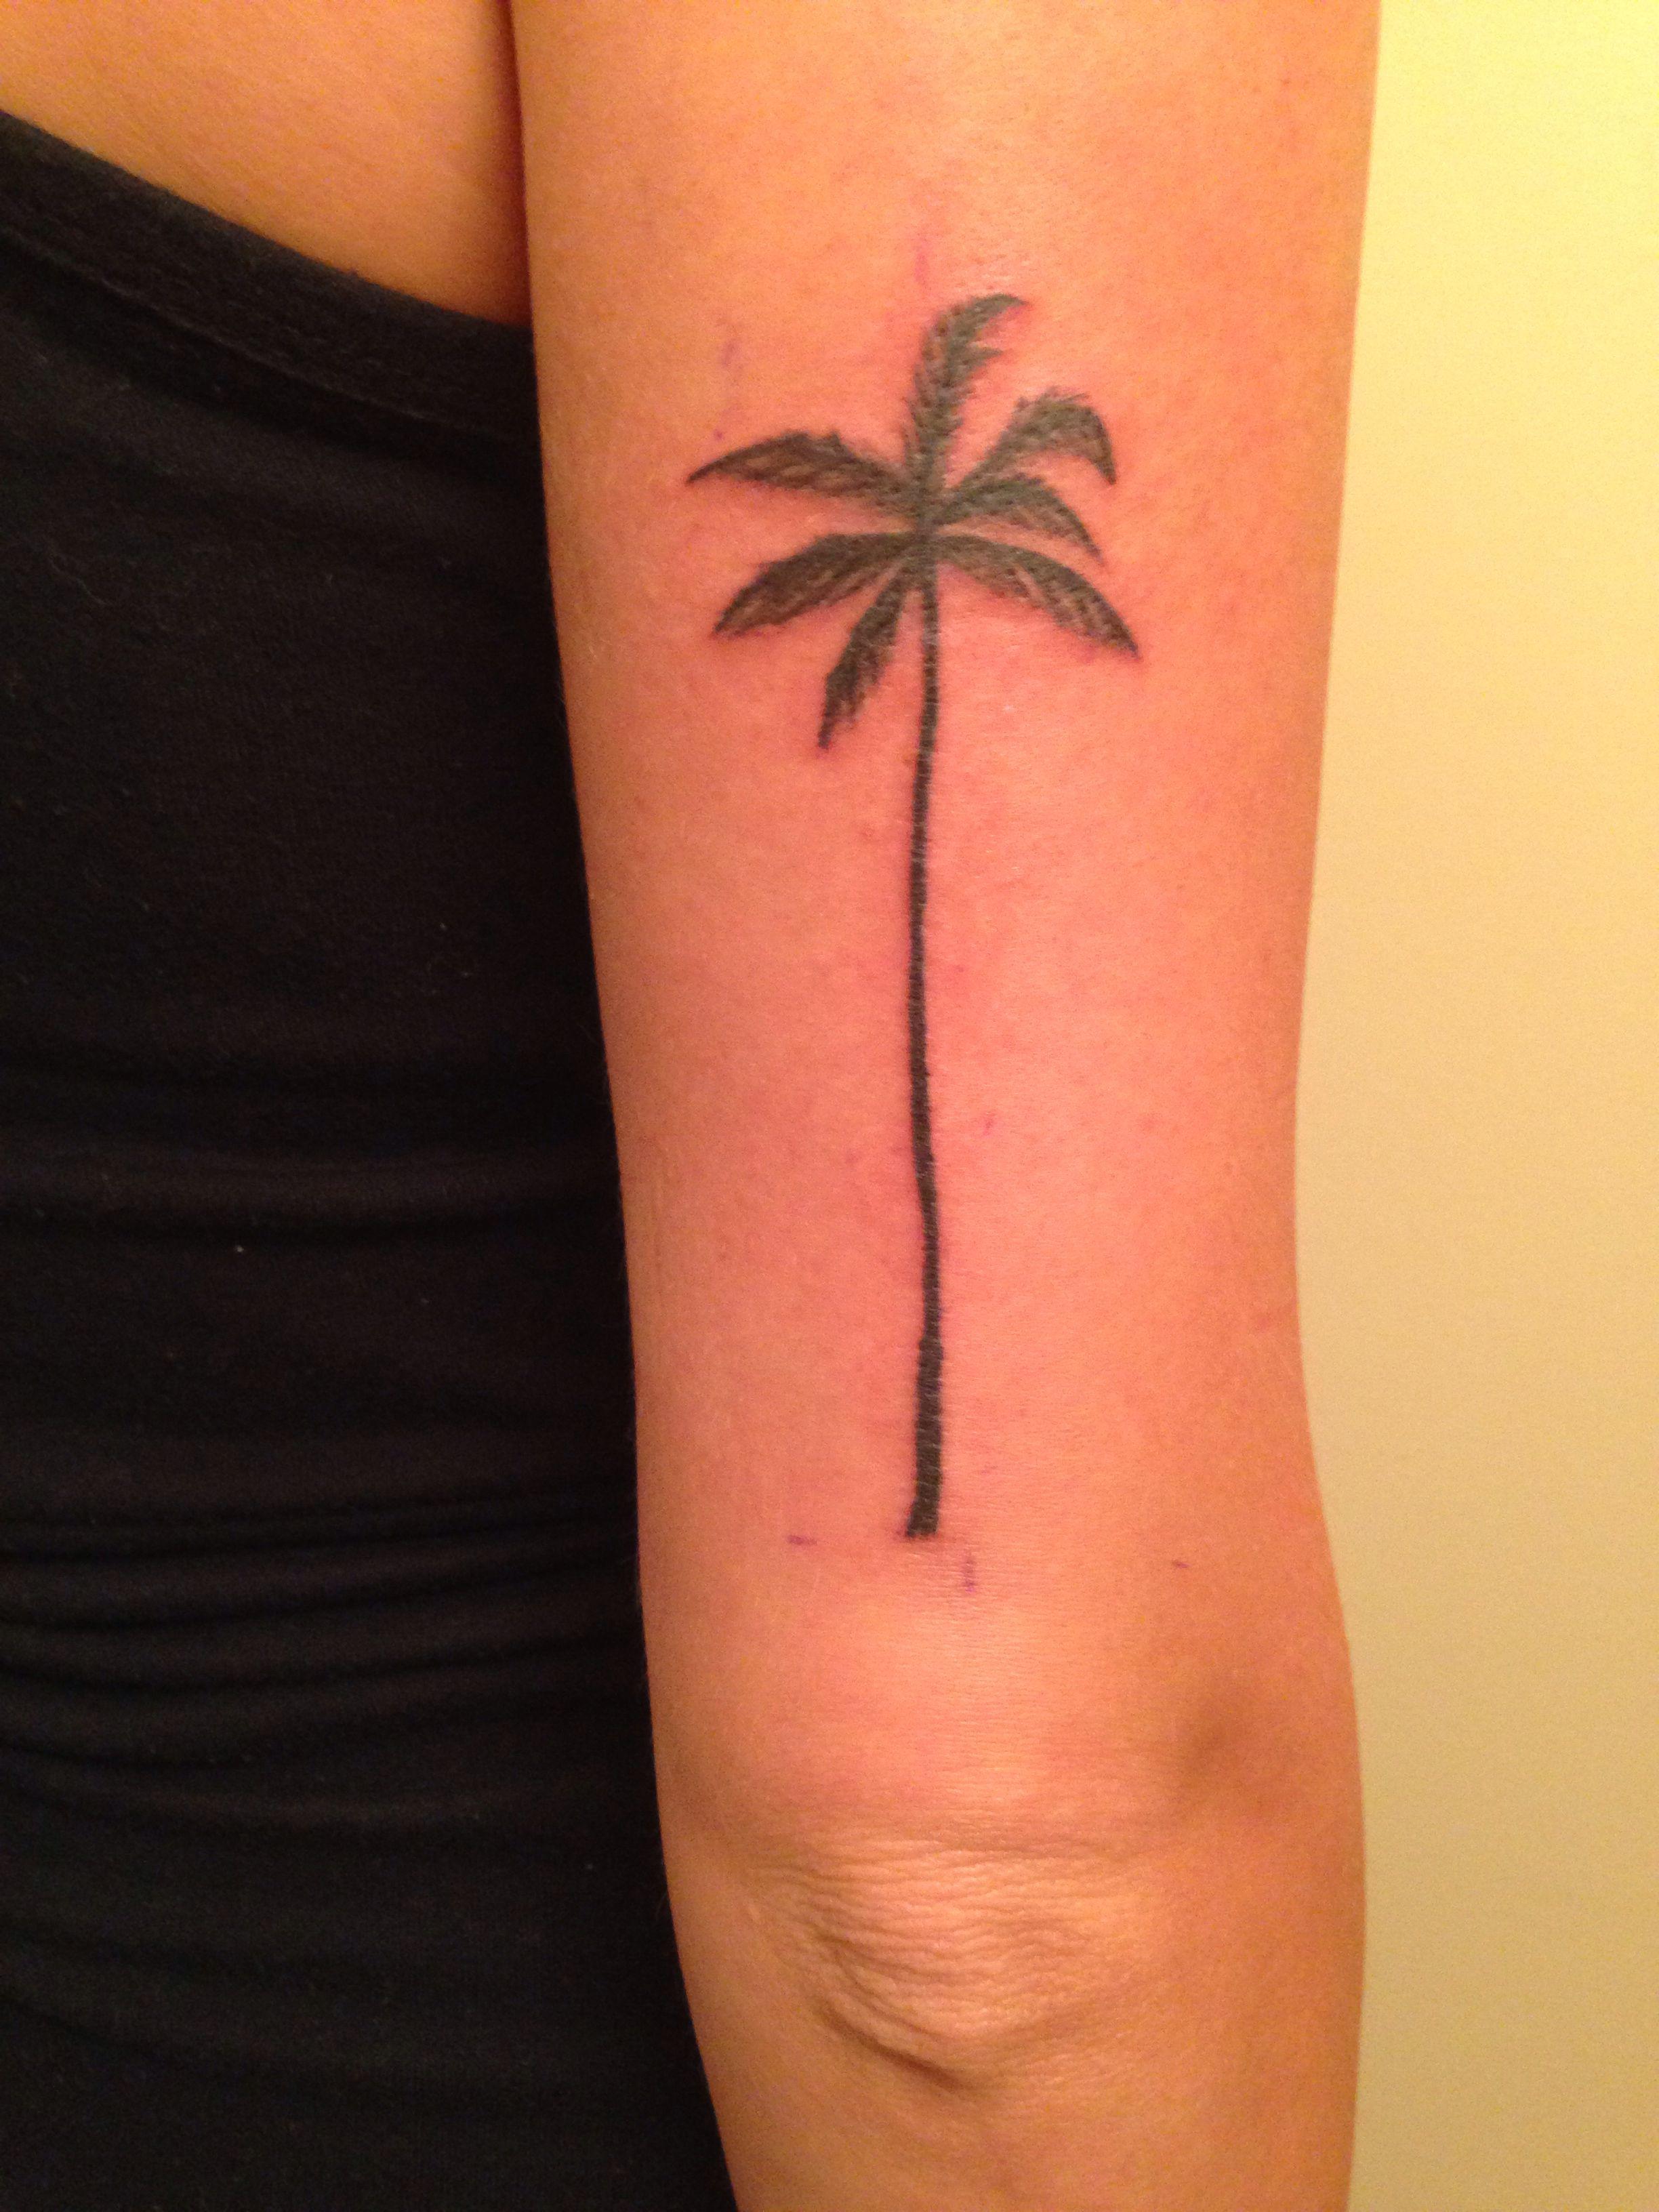 My new palm tree tattoo! Tree tattoo arm, Palm tree